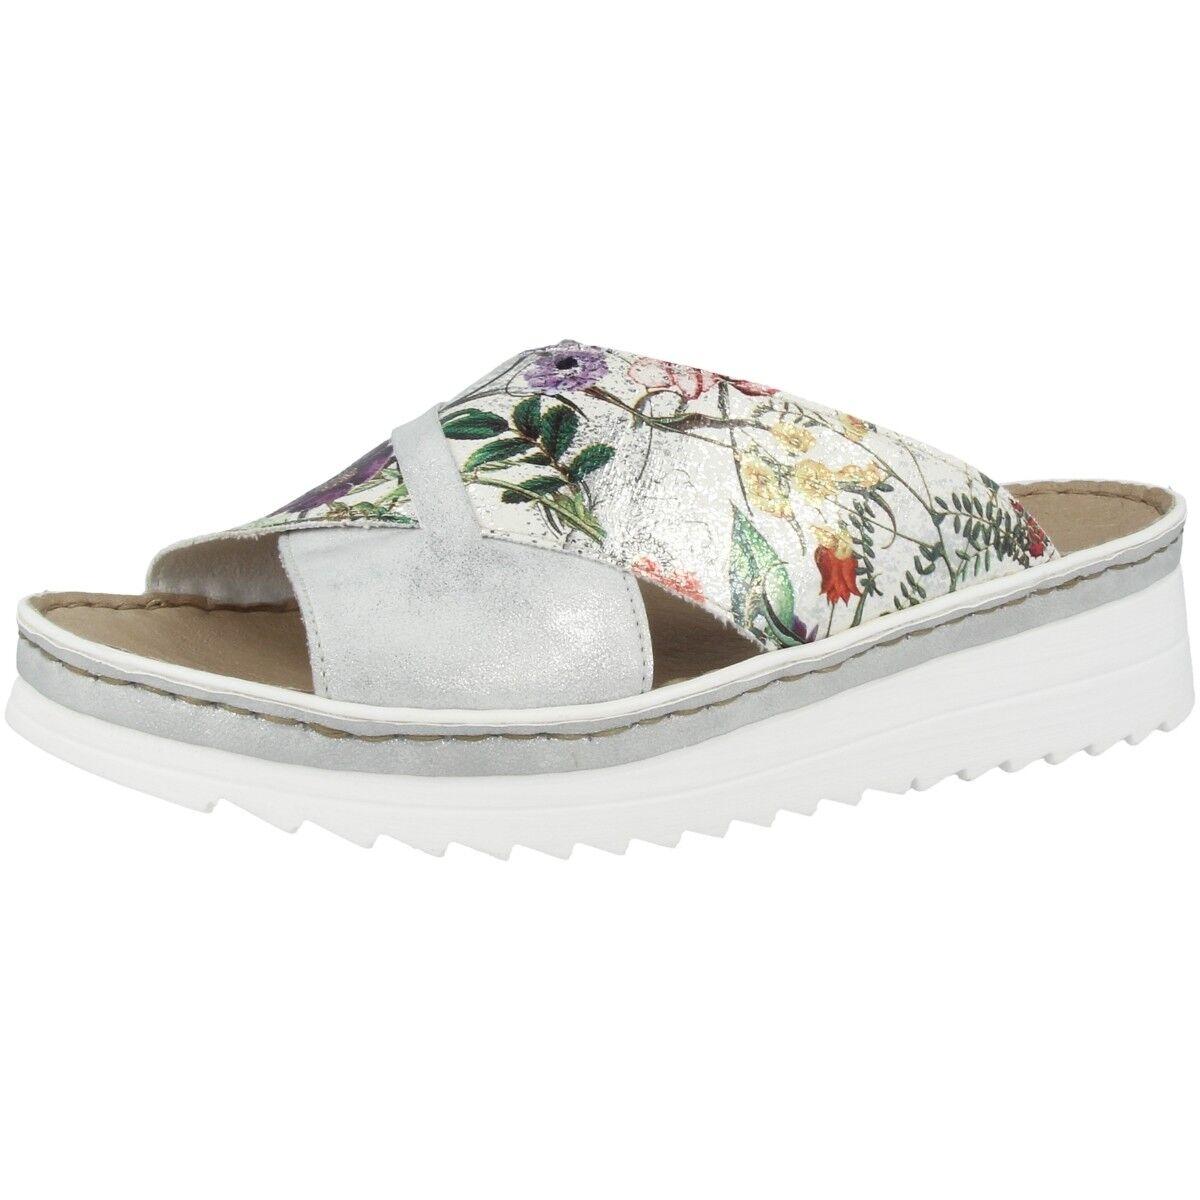 Rieker Crescent-Bouquet Chaussures Sandale Femmes Plateforme Mule Mocassins